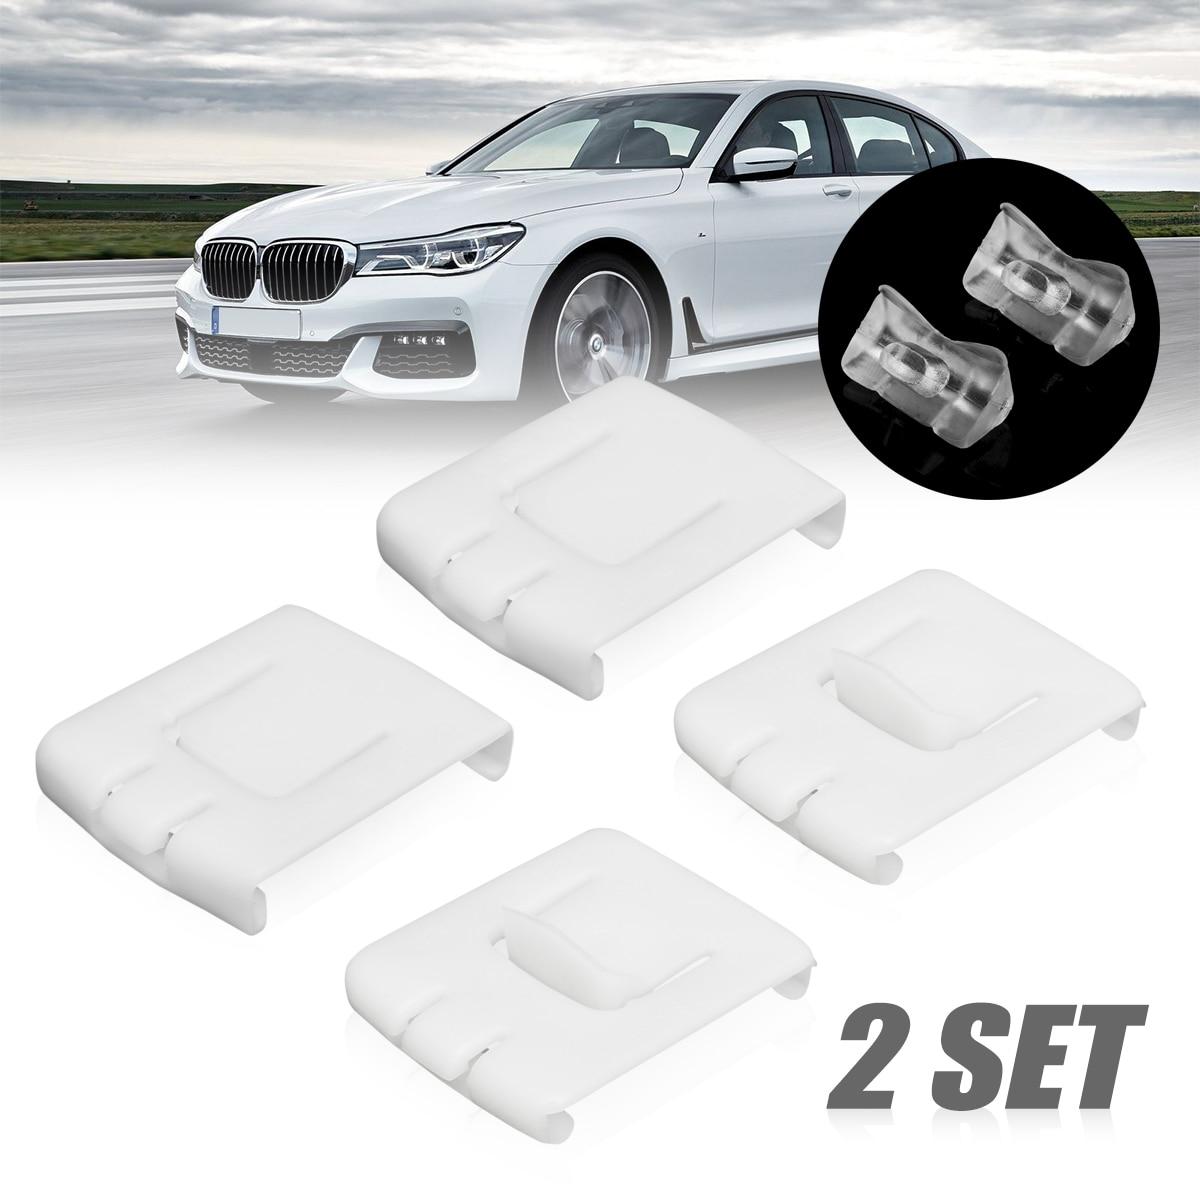 Plástico blanco 2 Set 6 piezas siut asiento hebilla Clip guía corredor 435881203A C10 para VW GOLF MK1 MK2 MK3 CORRADO SCIROCCO